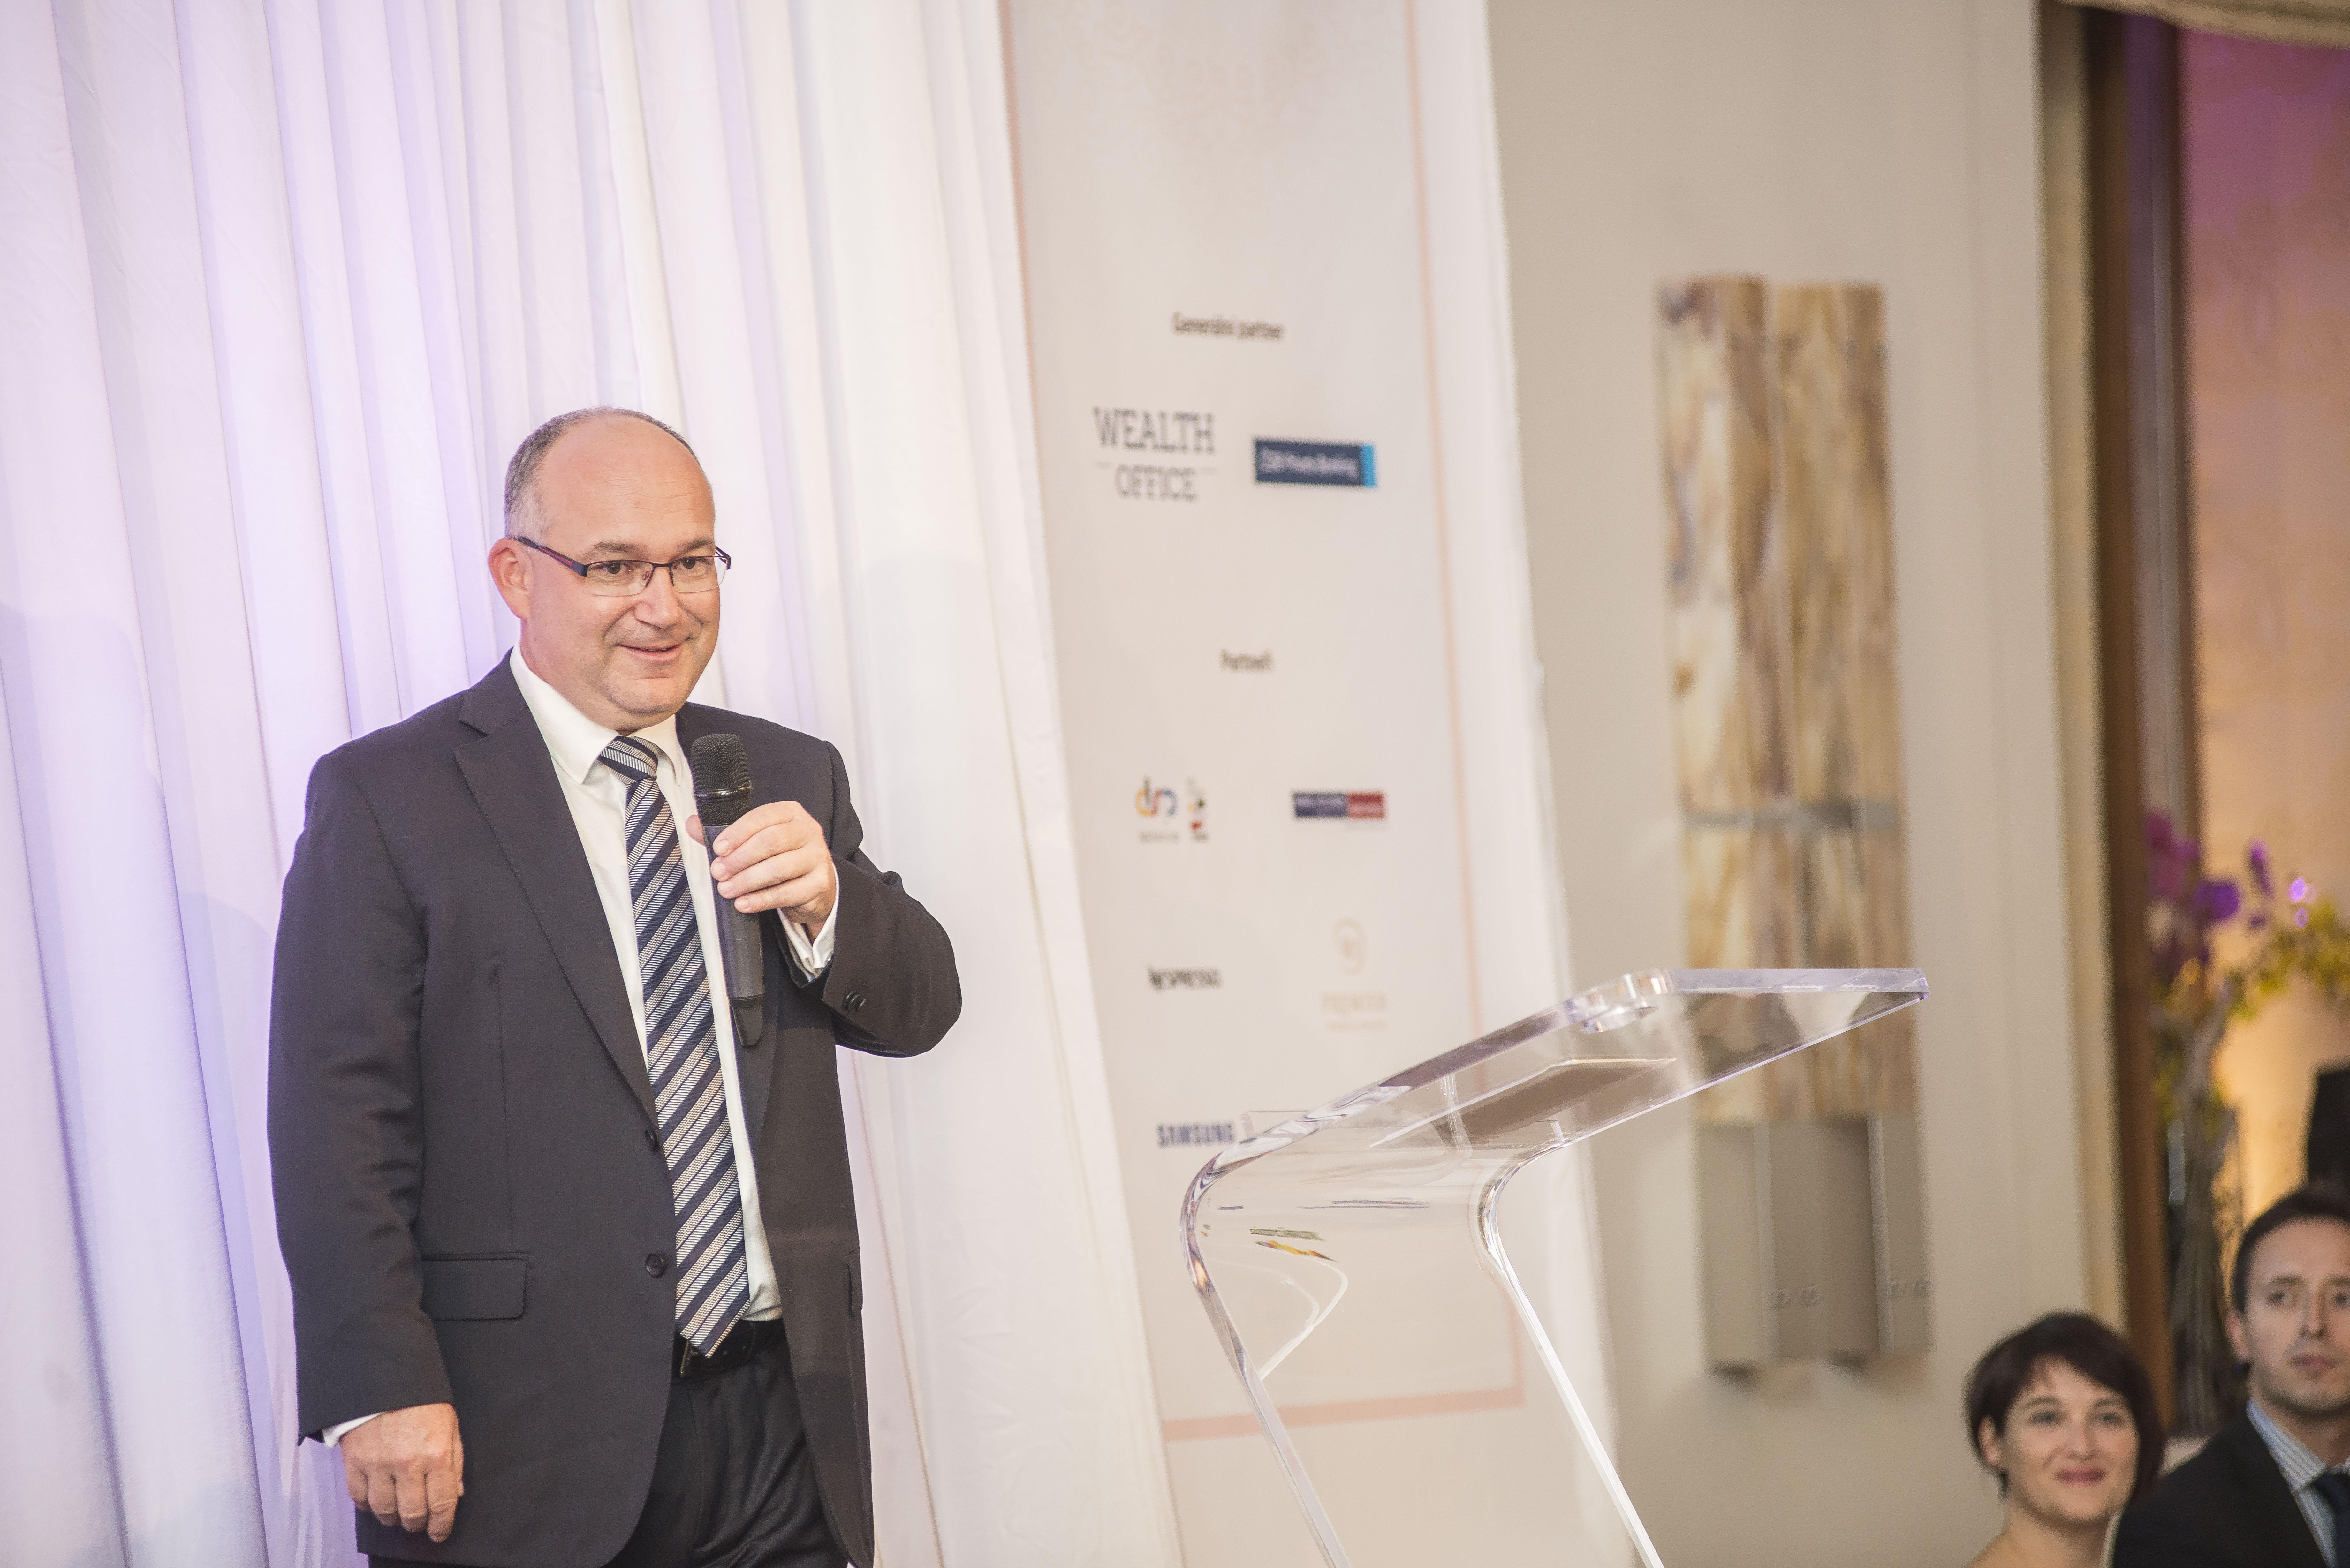 Zástupce generálního partnera večera ČSOB Private Banking, Pavel Tichý, krátce promluvil na začátku večera